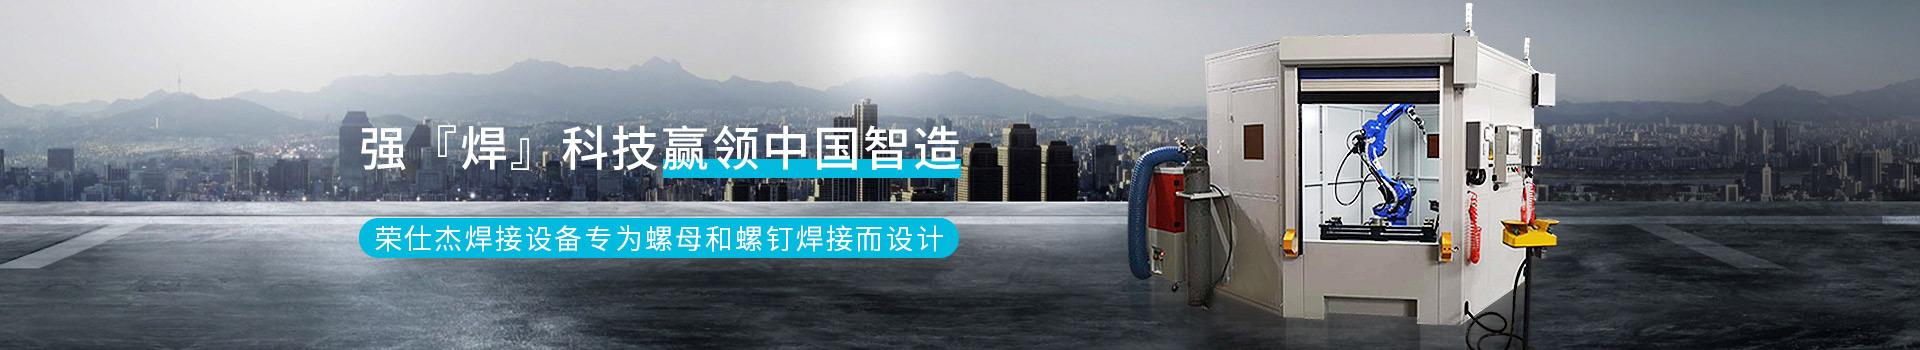 强『焊』科技赢领中国智造       荣仕杰焊接设备专为螺母和螺钉焊接而设计